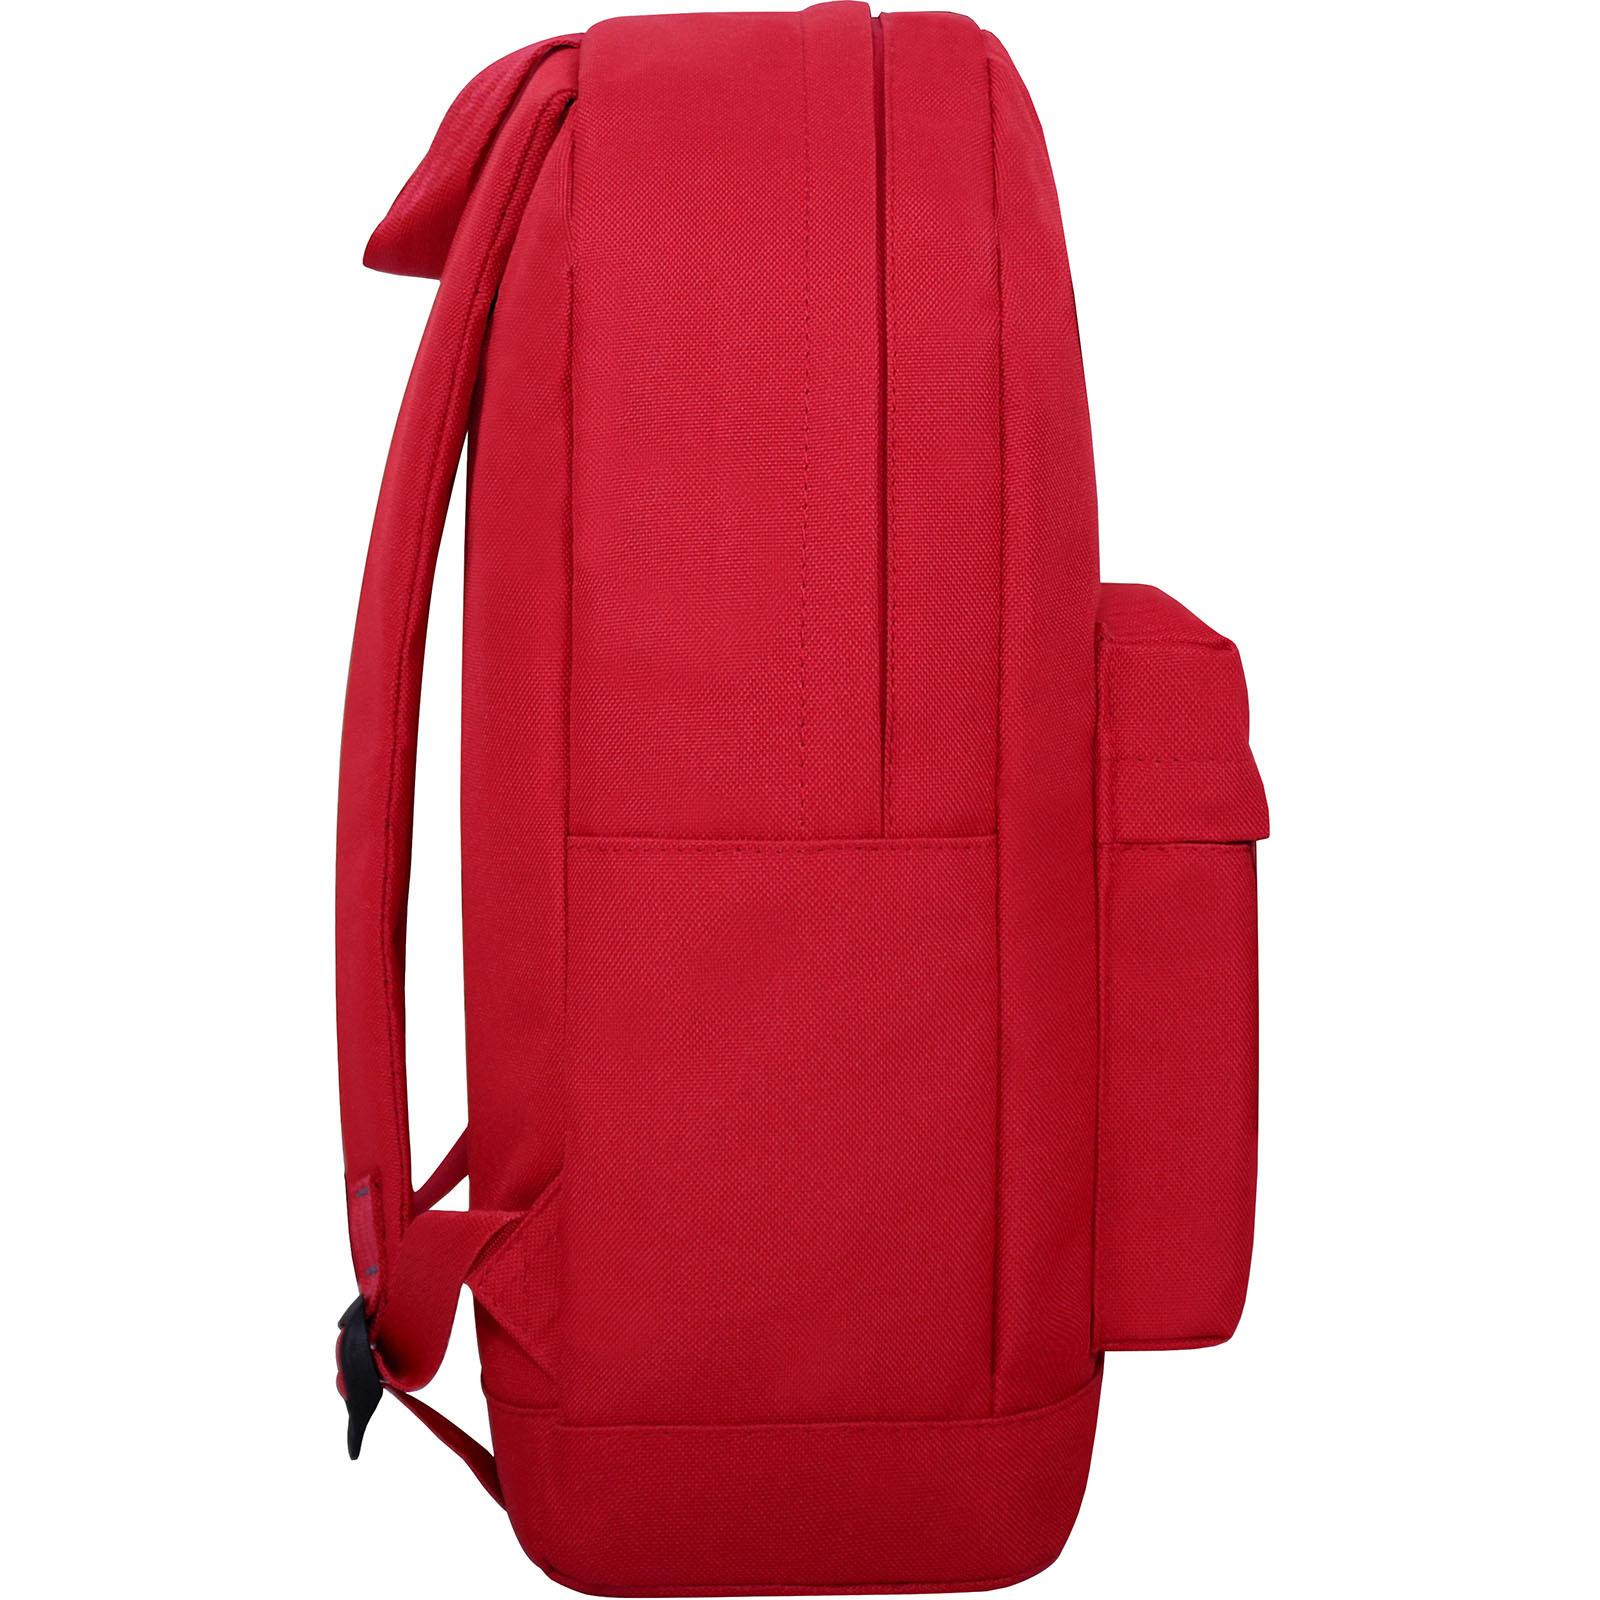 Рюкзак Bagland Молодежный W/R 17 л. 148 красный (00533662 Ш) фото 3